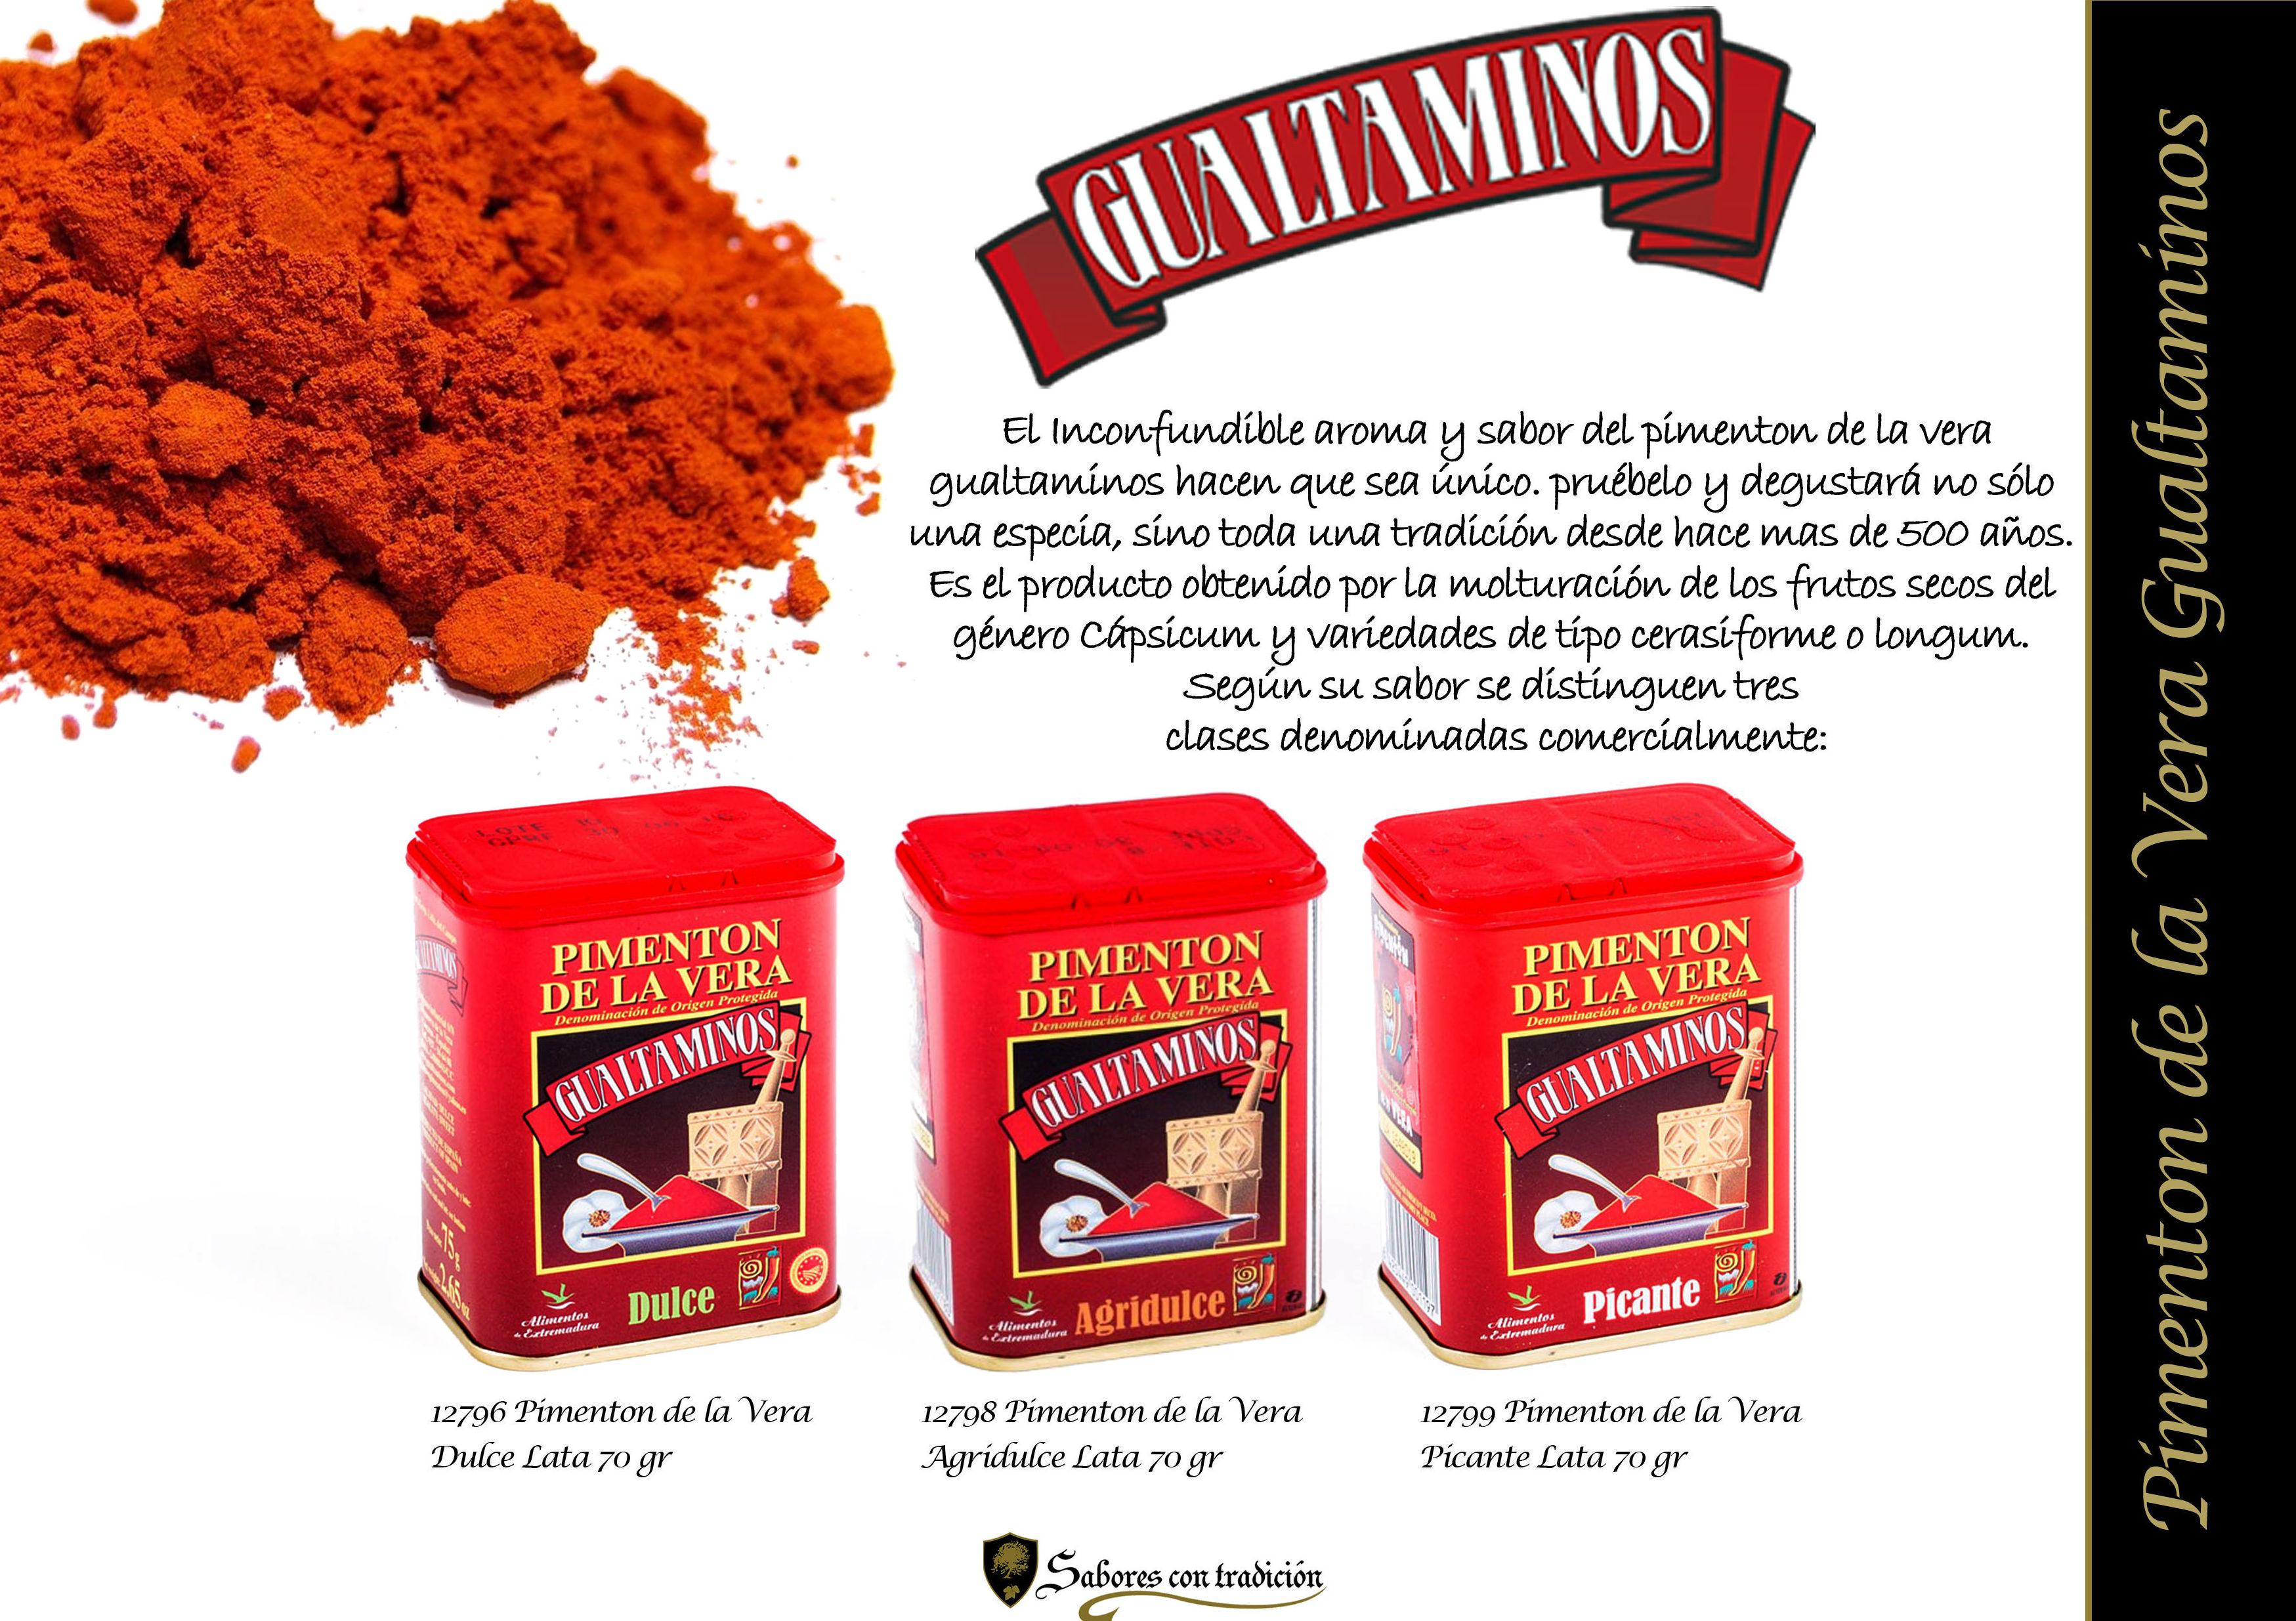 """Pimentos de la Vera """" Gualtaminos """": Productos de Sabores con tradición"""